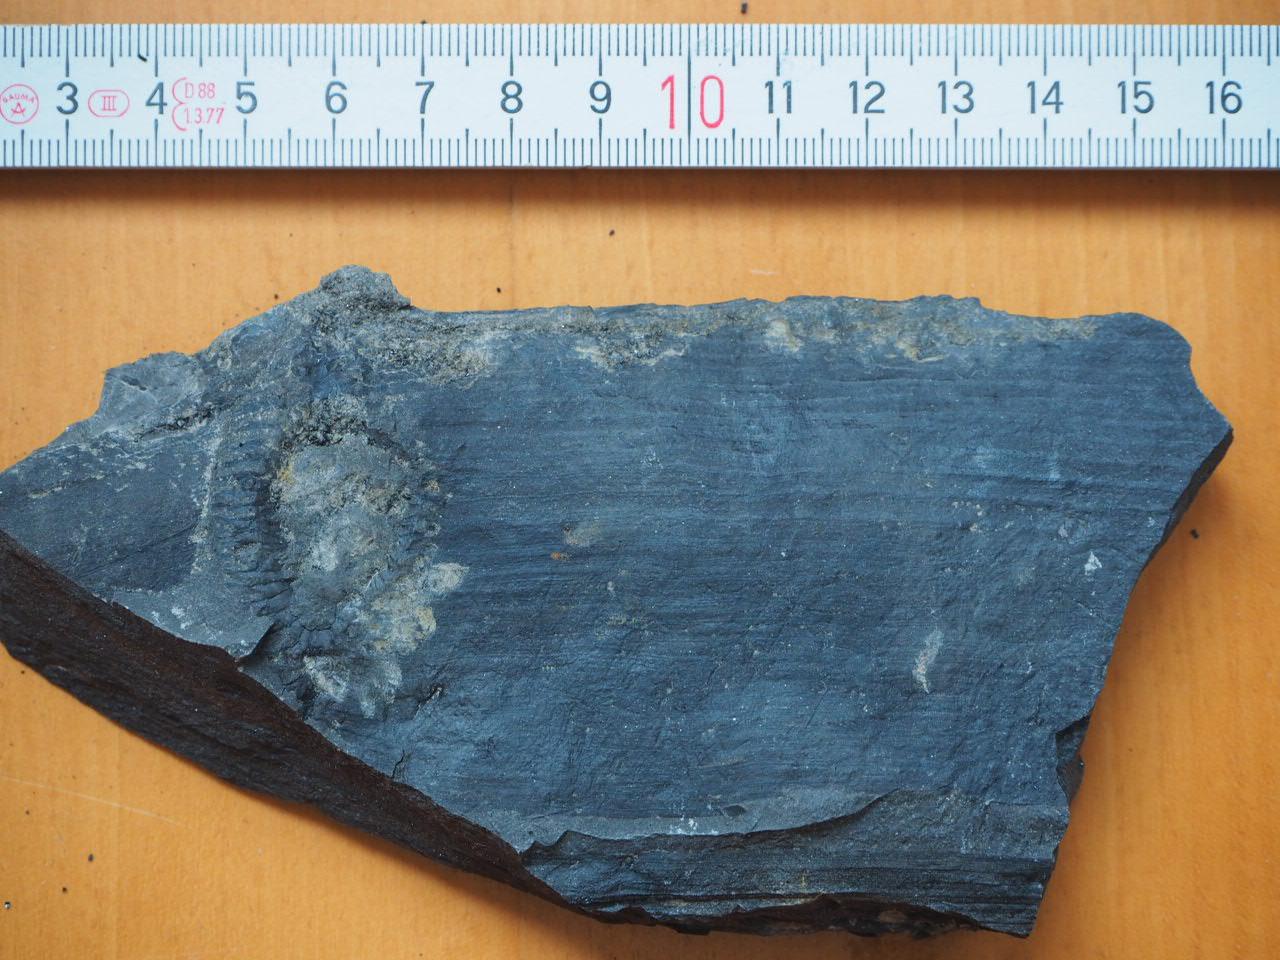 Schachtelhalm-Fossil